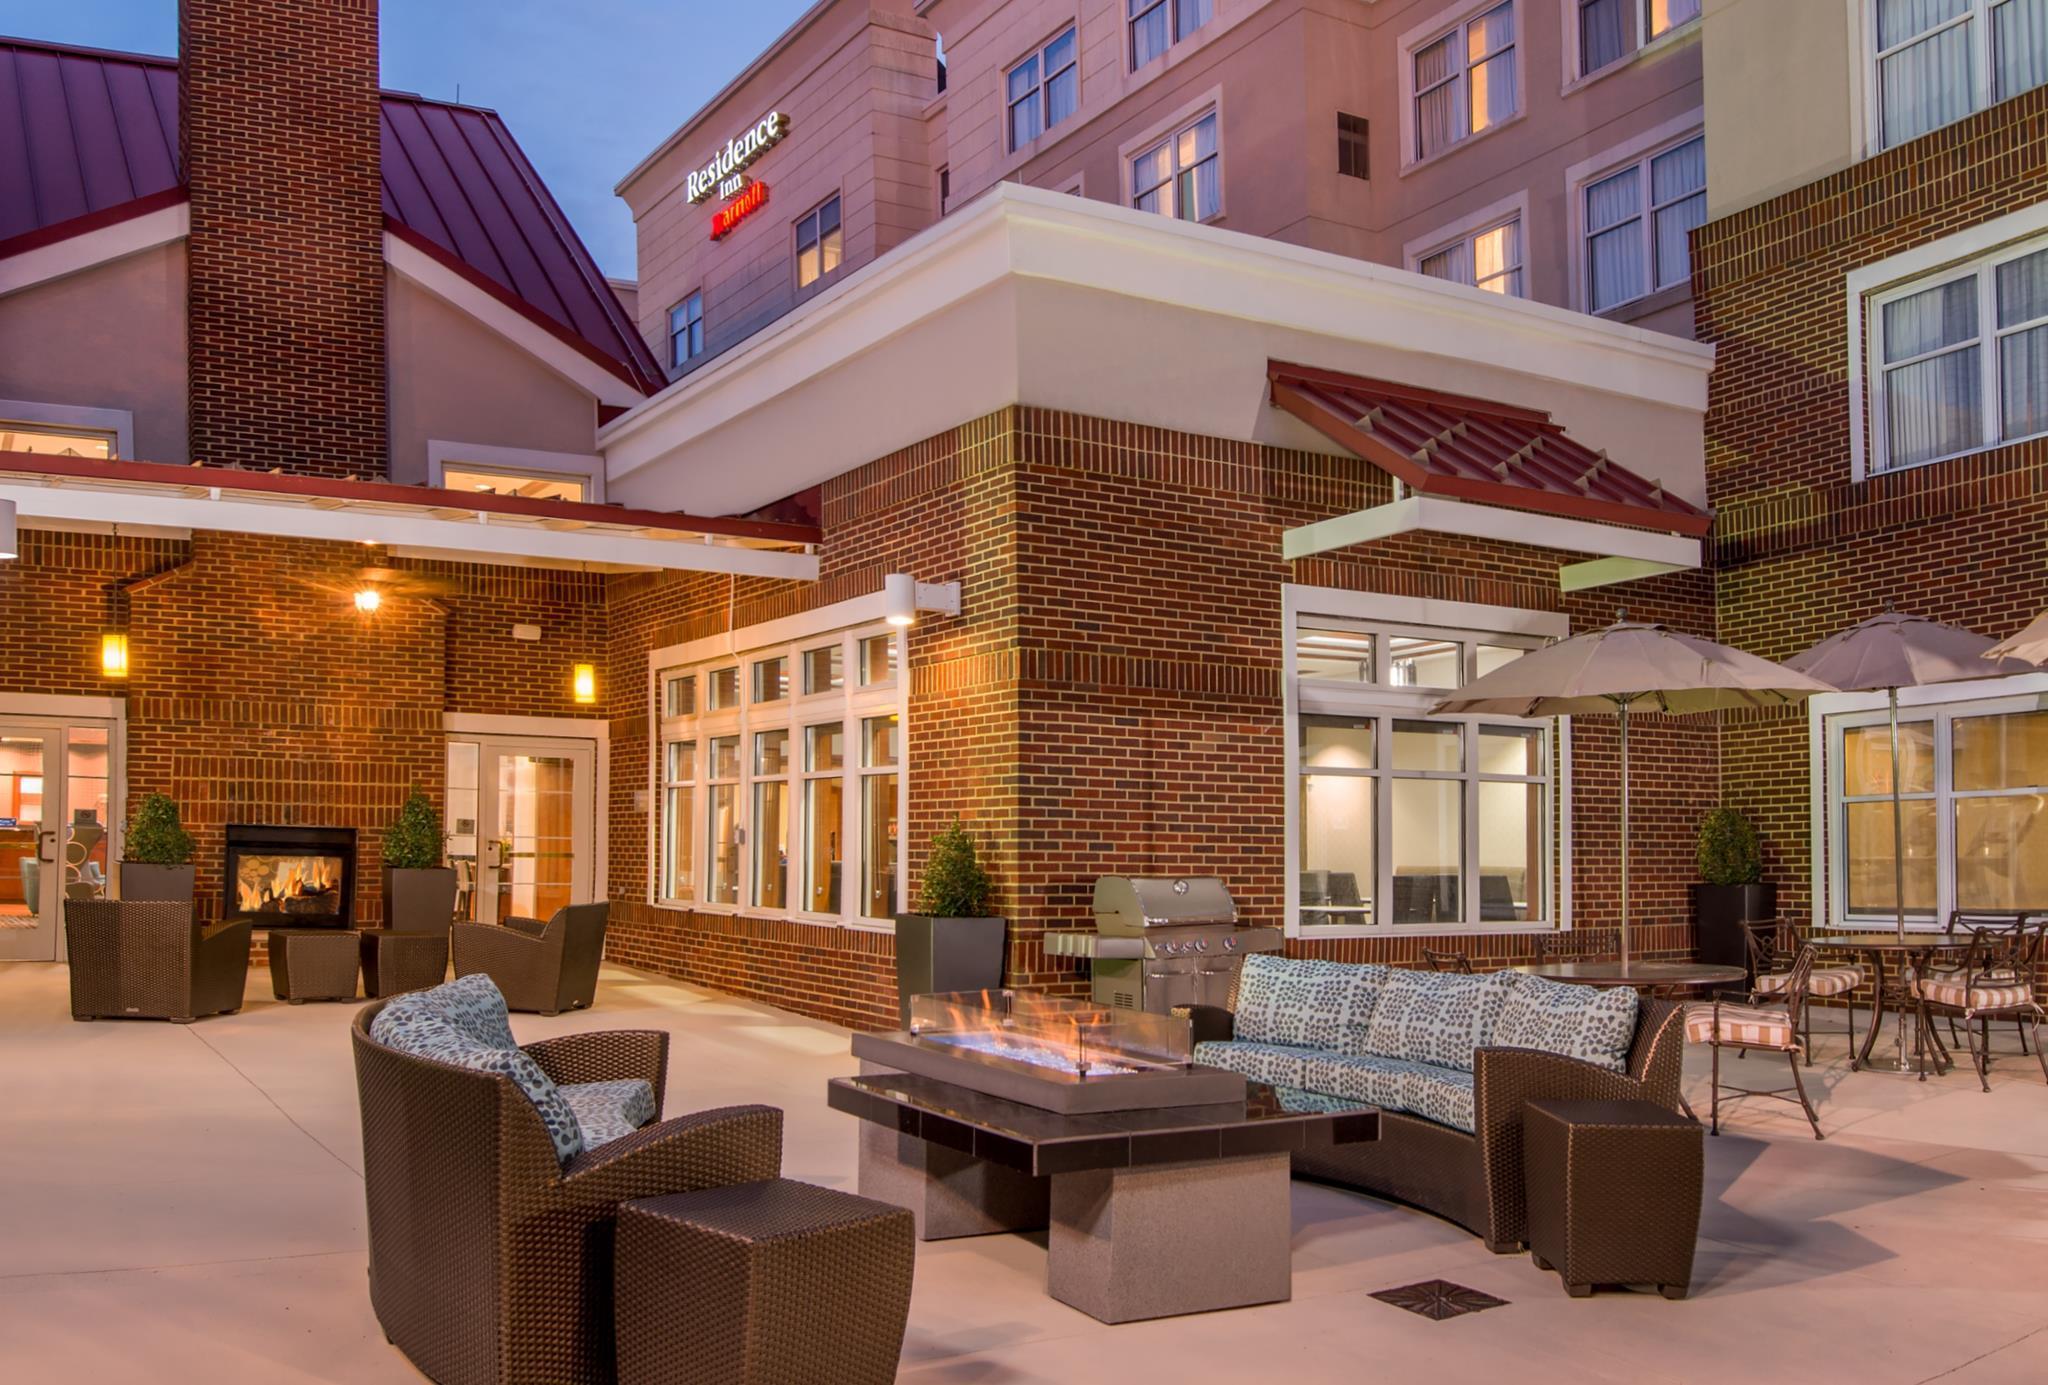 Best Price on Residence Inn Chesapeake Greenbrier in Chesapeake (VA ...